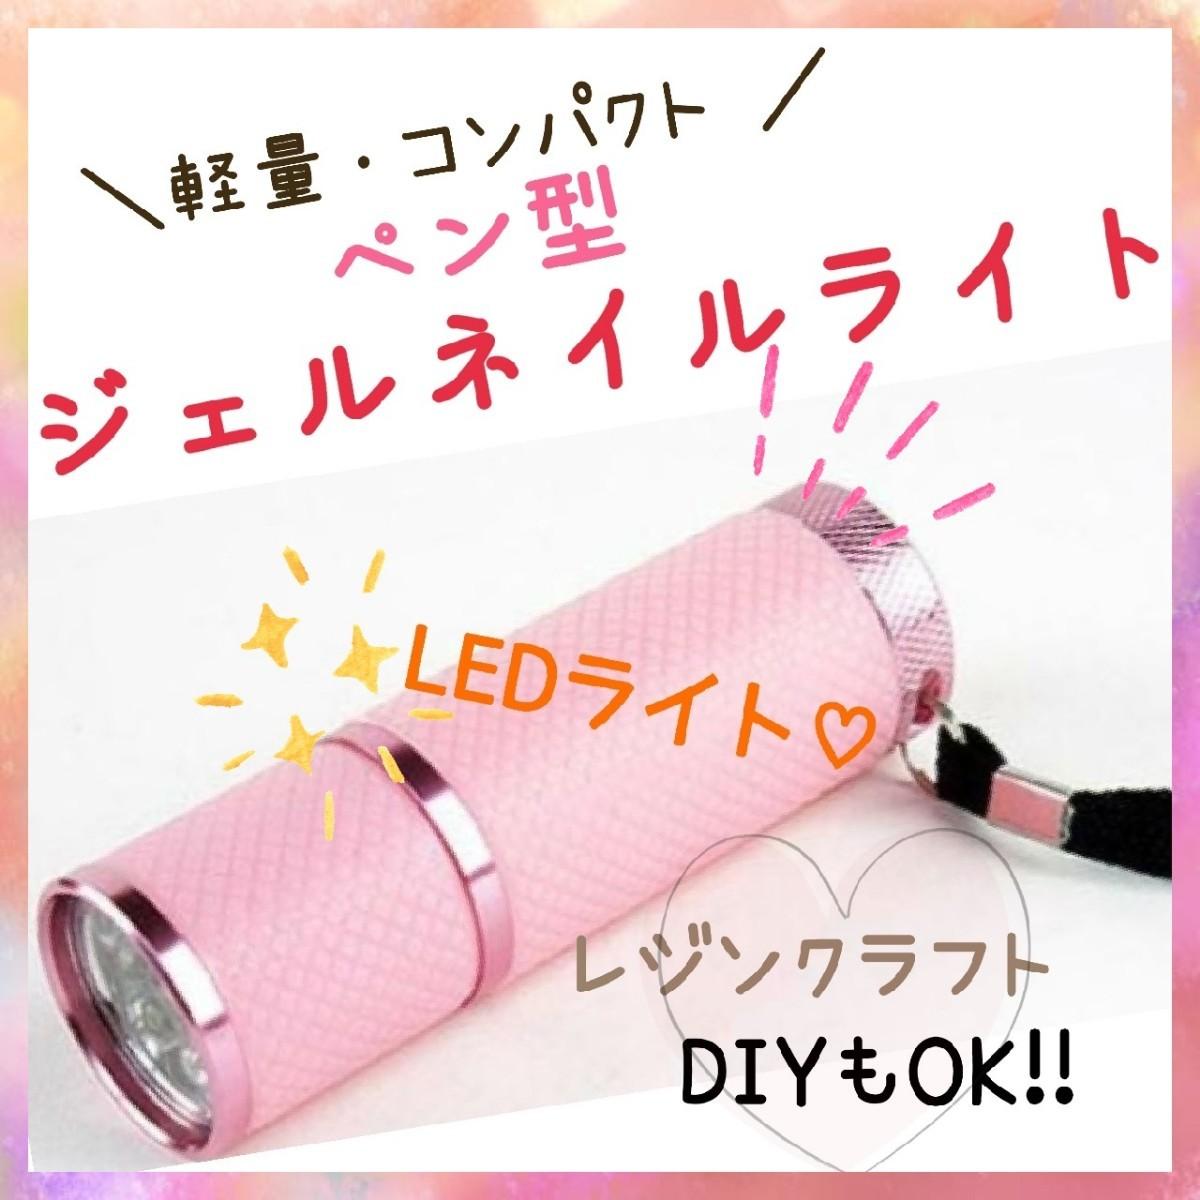 ペン型LEDジェルネイルライト レジンクラフト DIY コンパクト持ち運び楽々